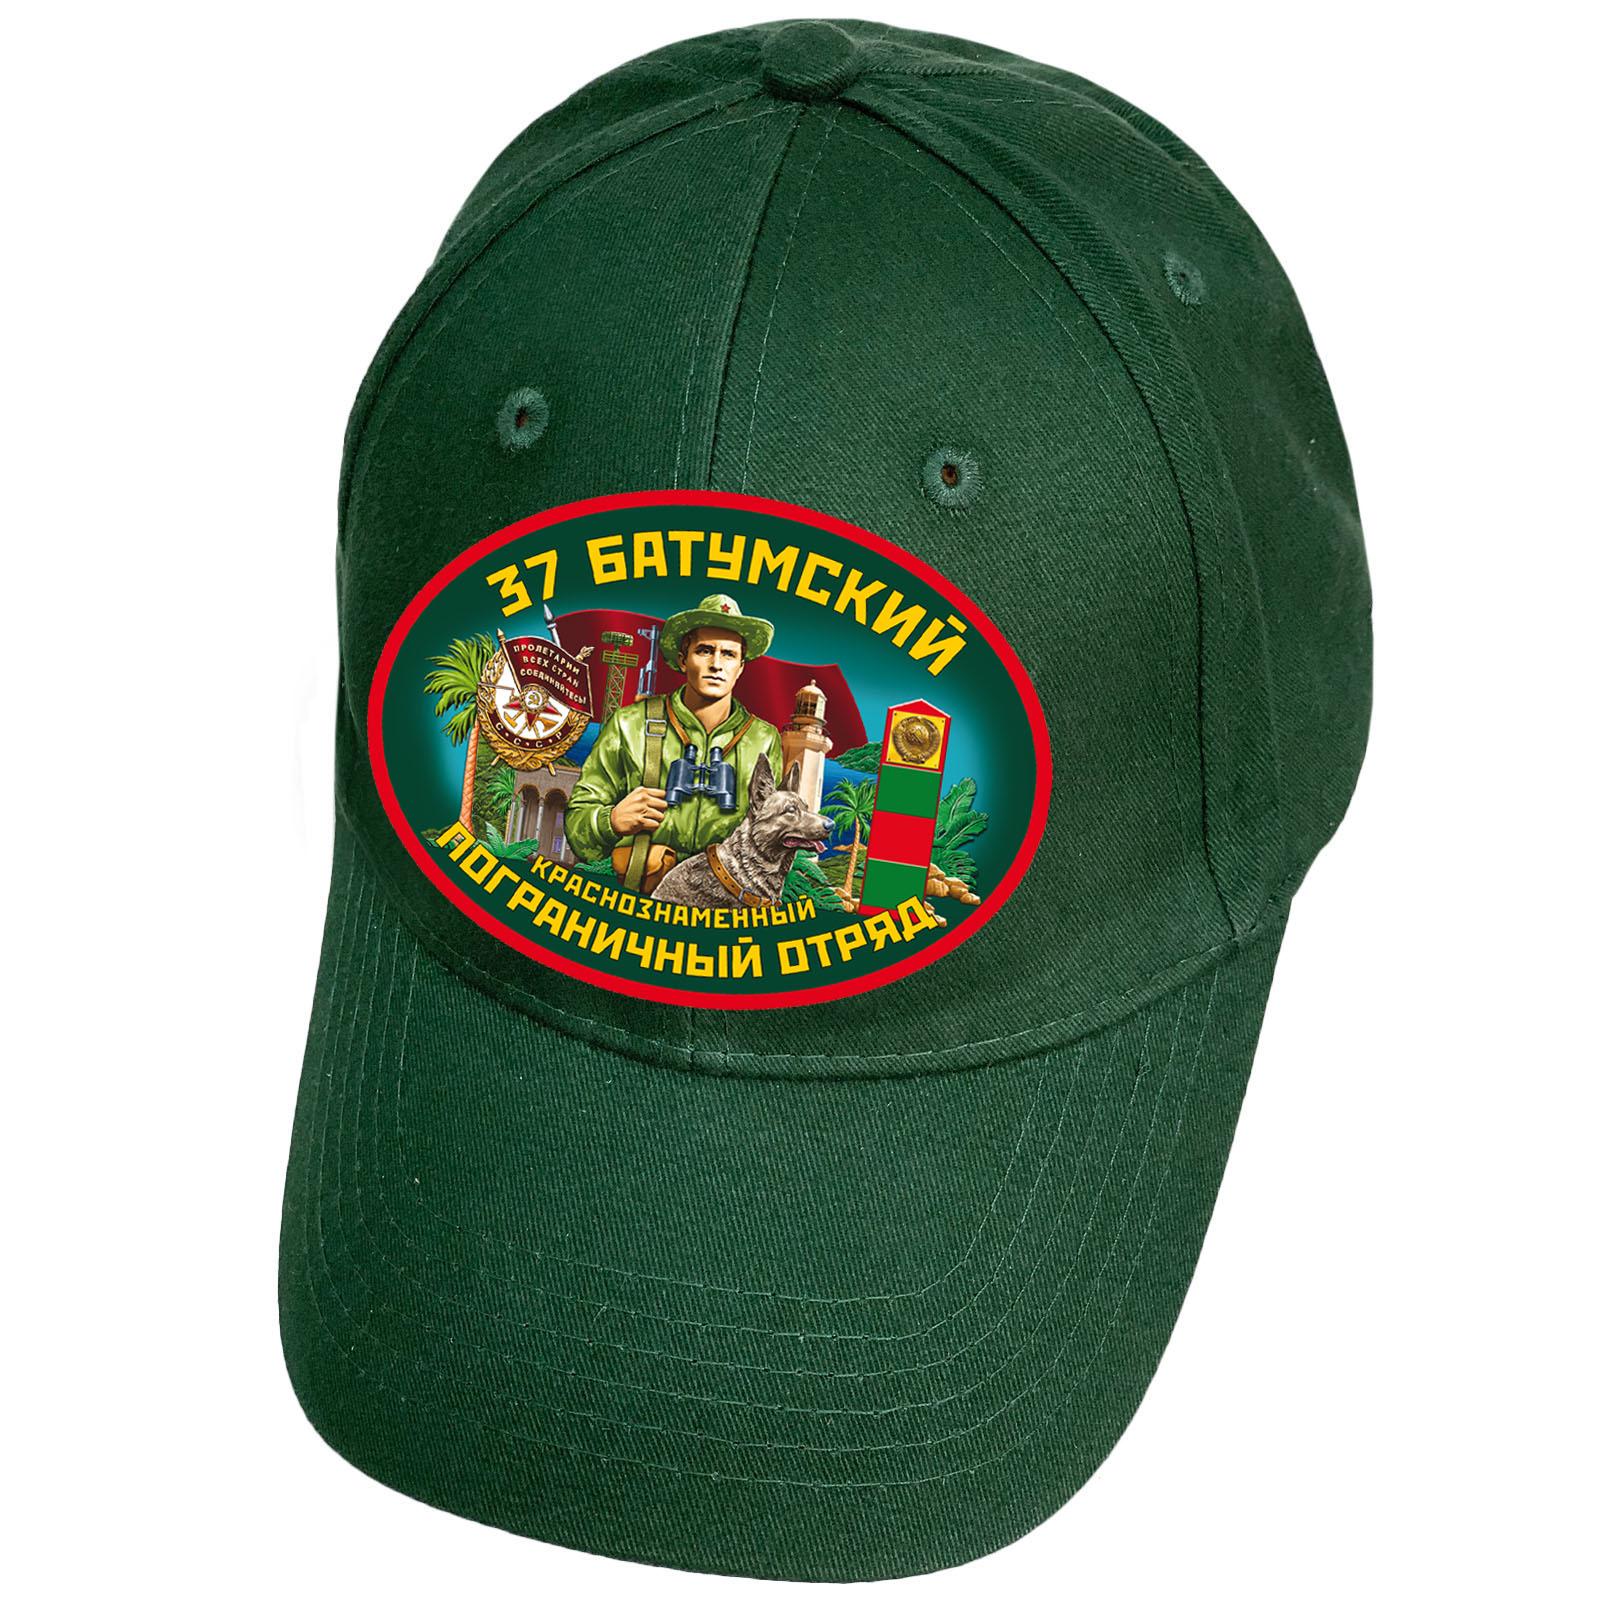 Тёмно-зелёная бейсболка 37 Батумский пограничный отряд